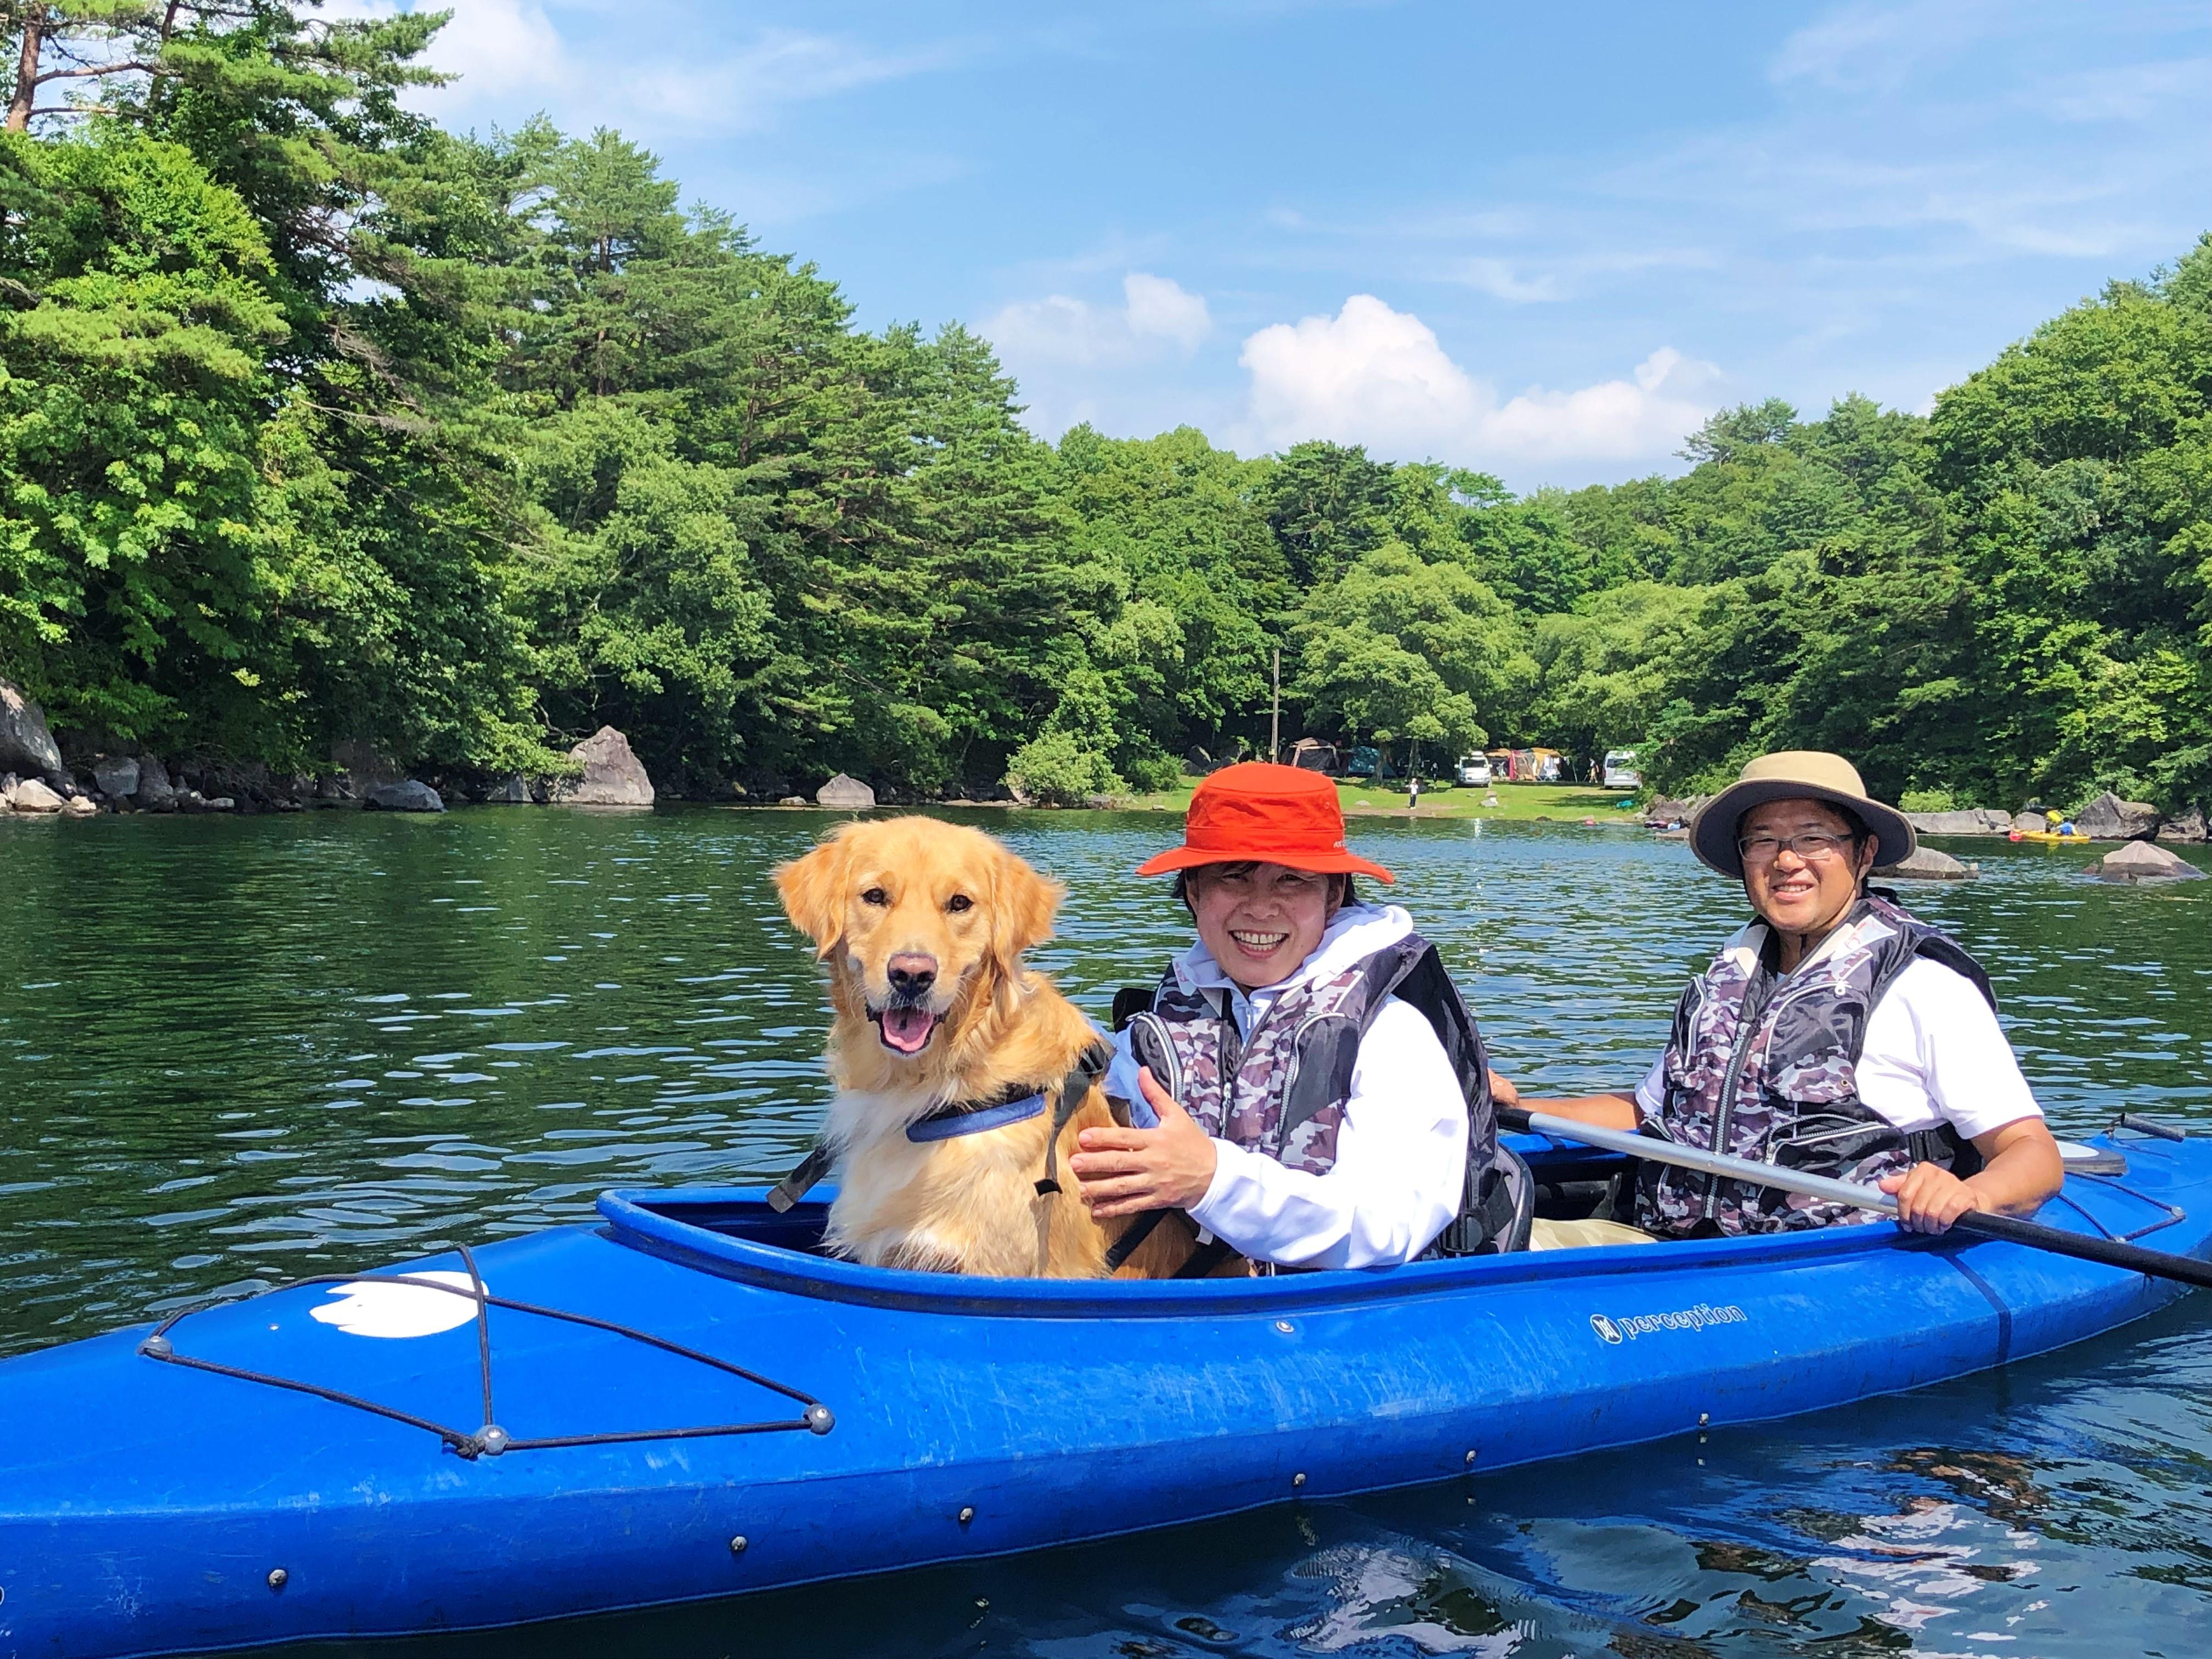 カヌーは2人乗りで、小型犬から大型犬まで同乗可能